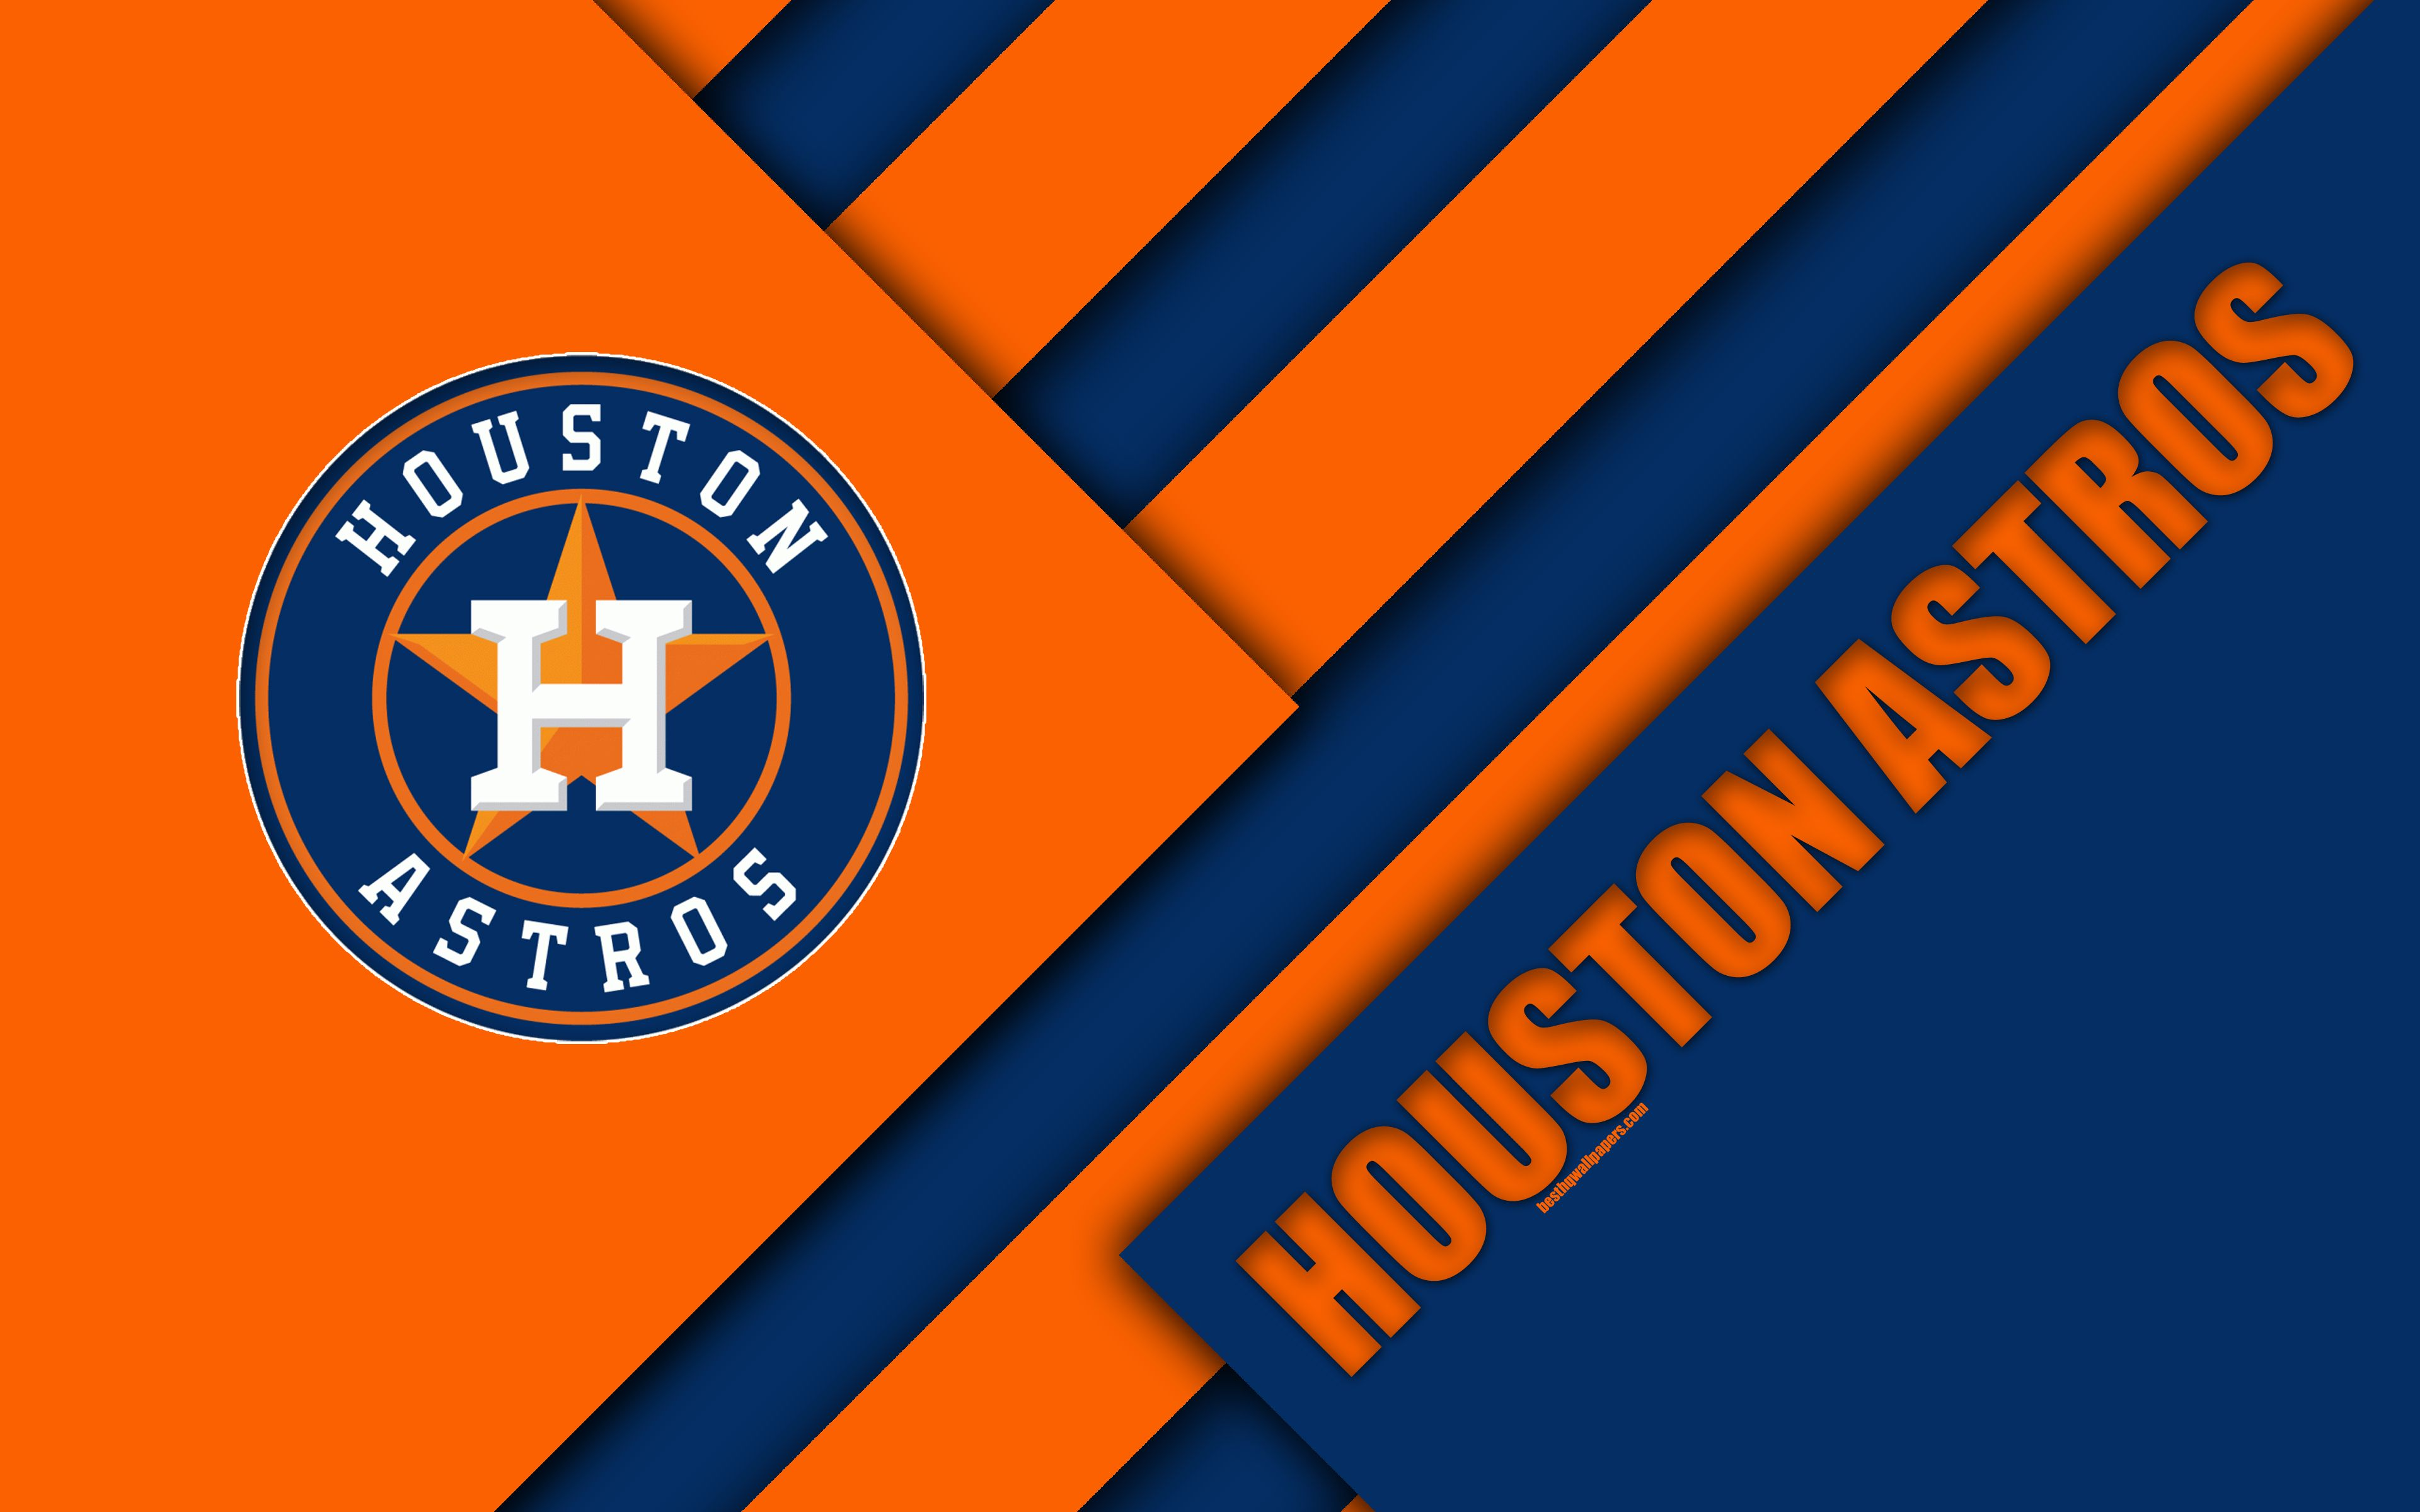 Houston Astros Wallpapers Top Free Houston Astros